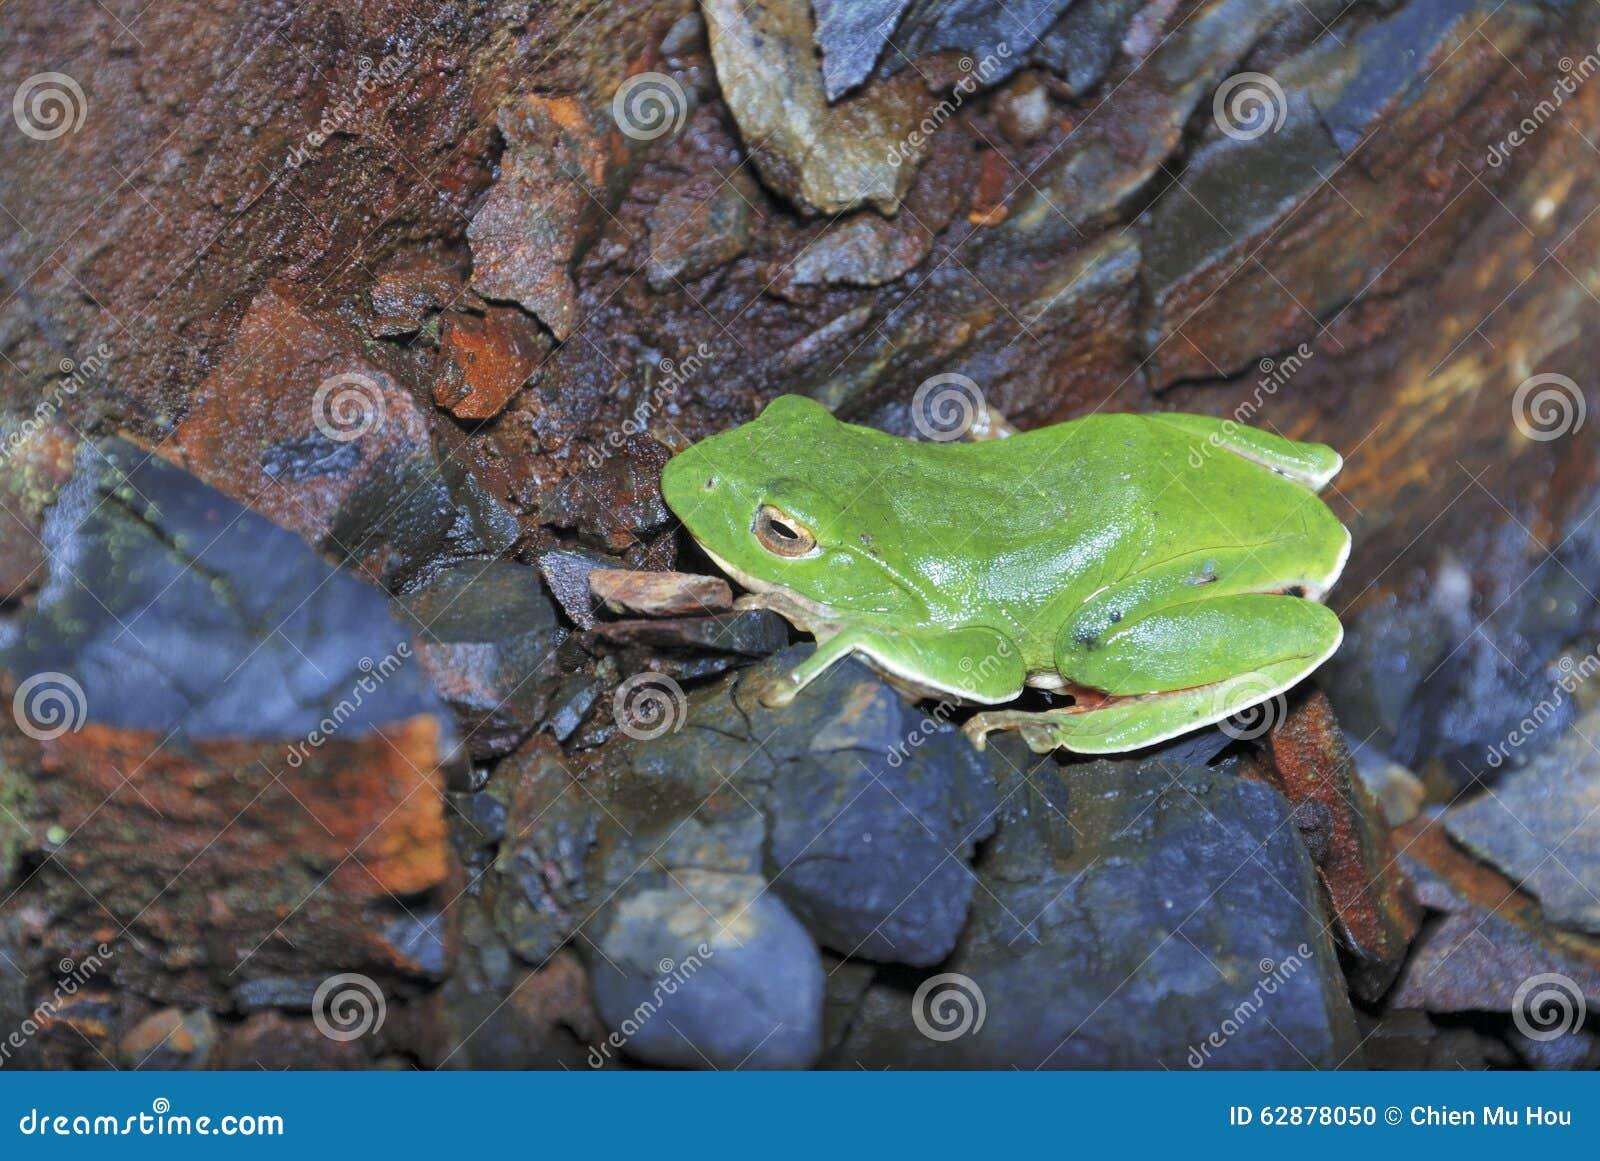 Green Treefrog is Taiwan s endemic species